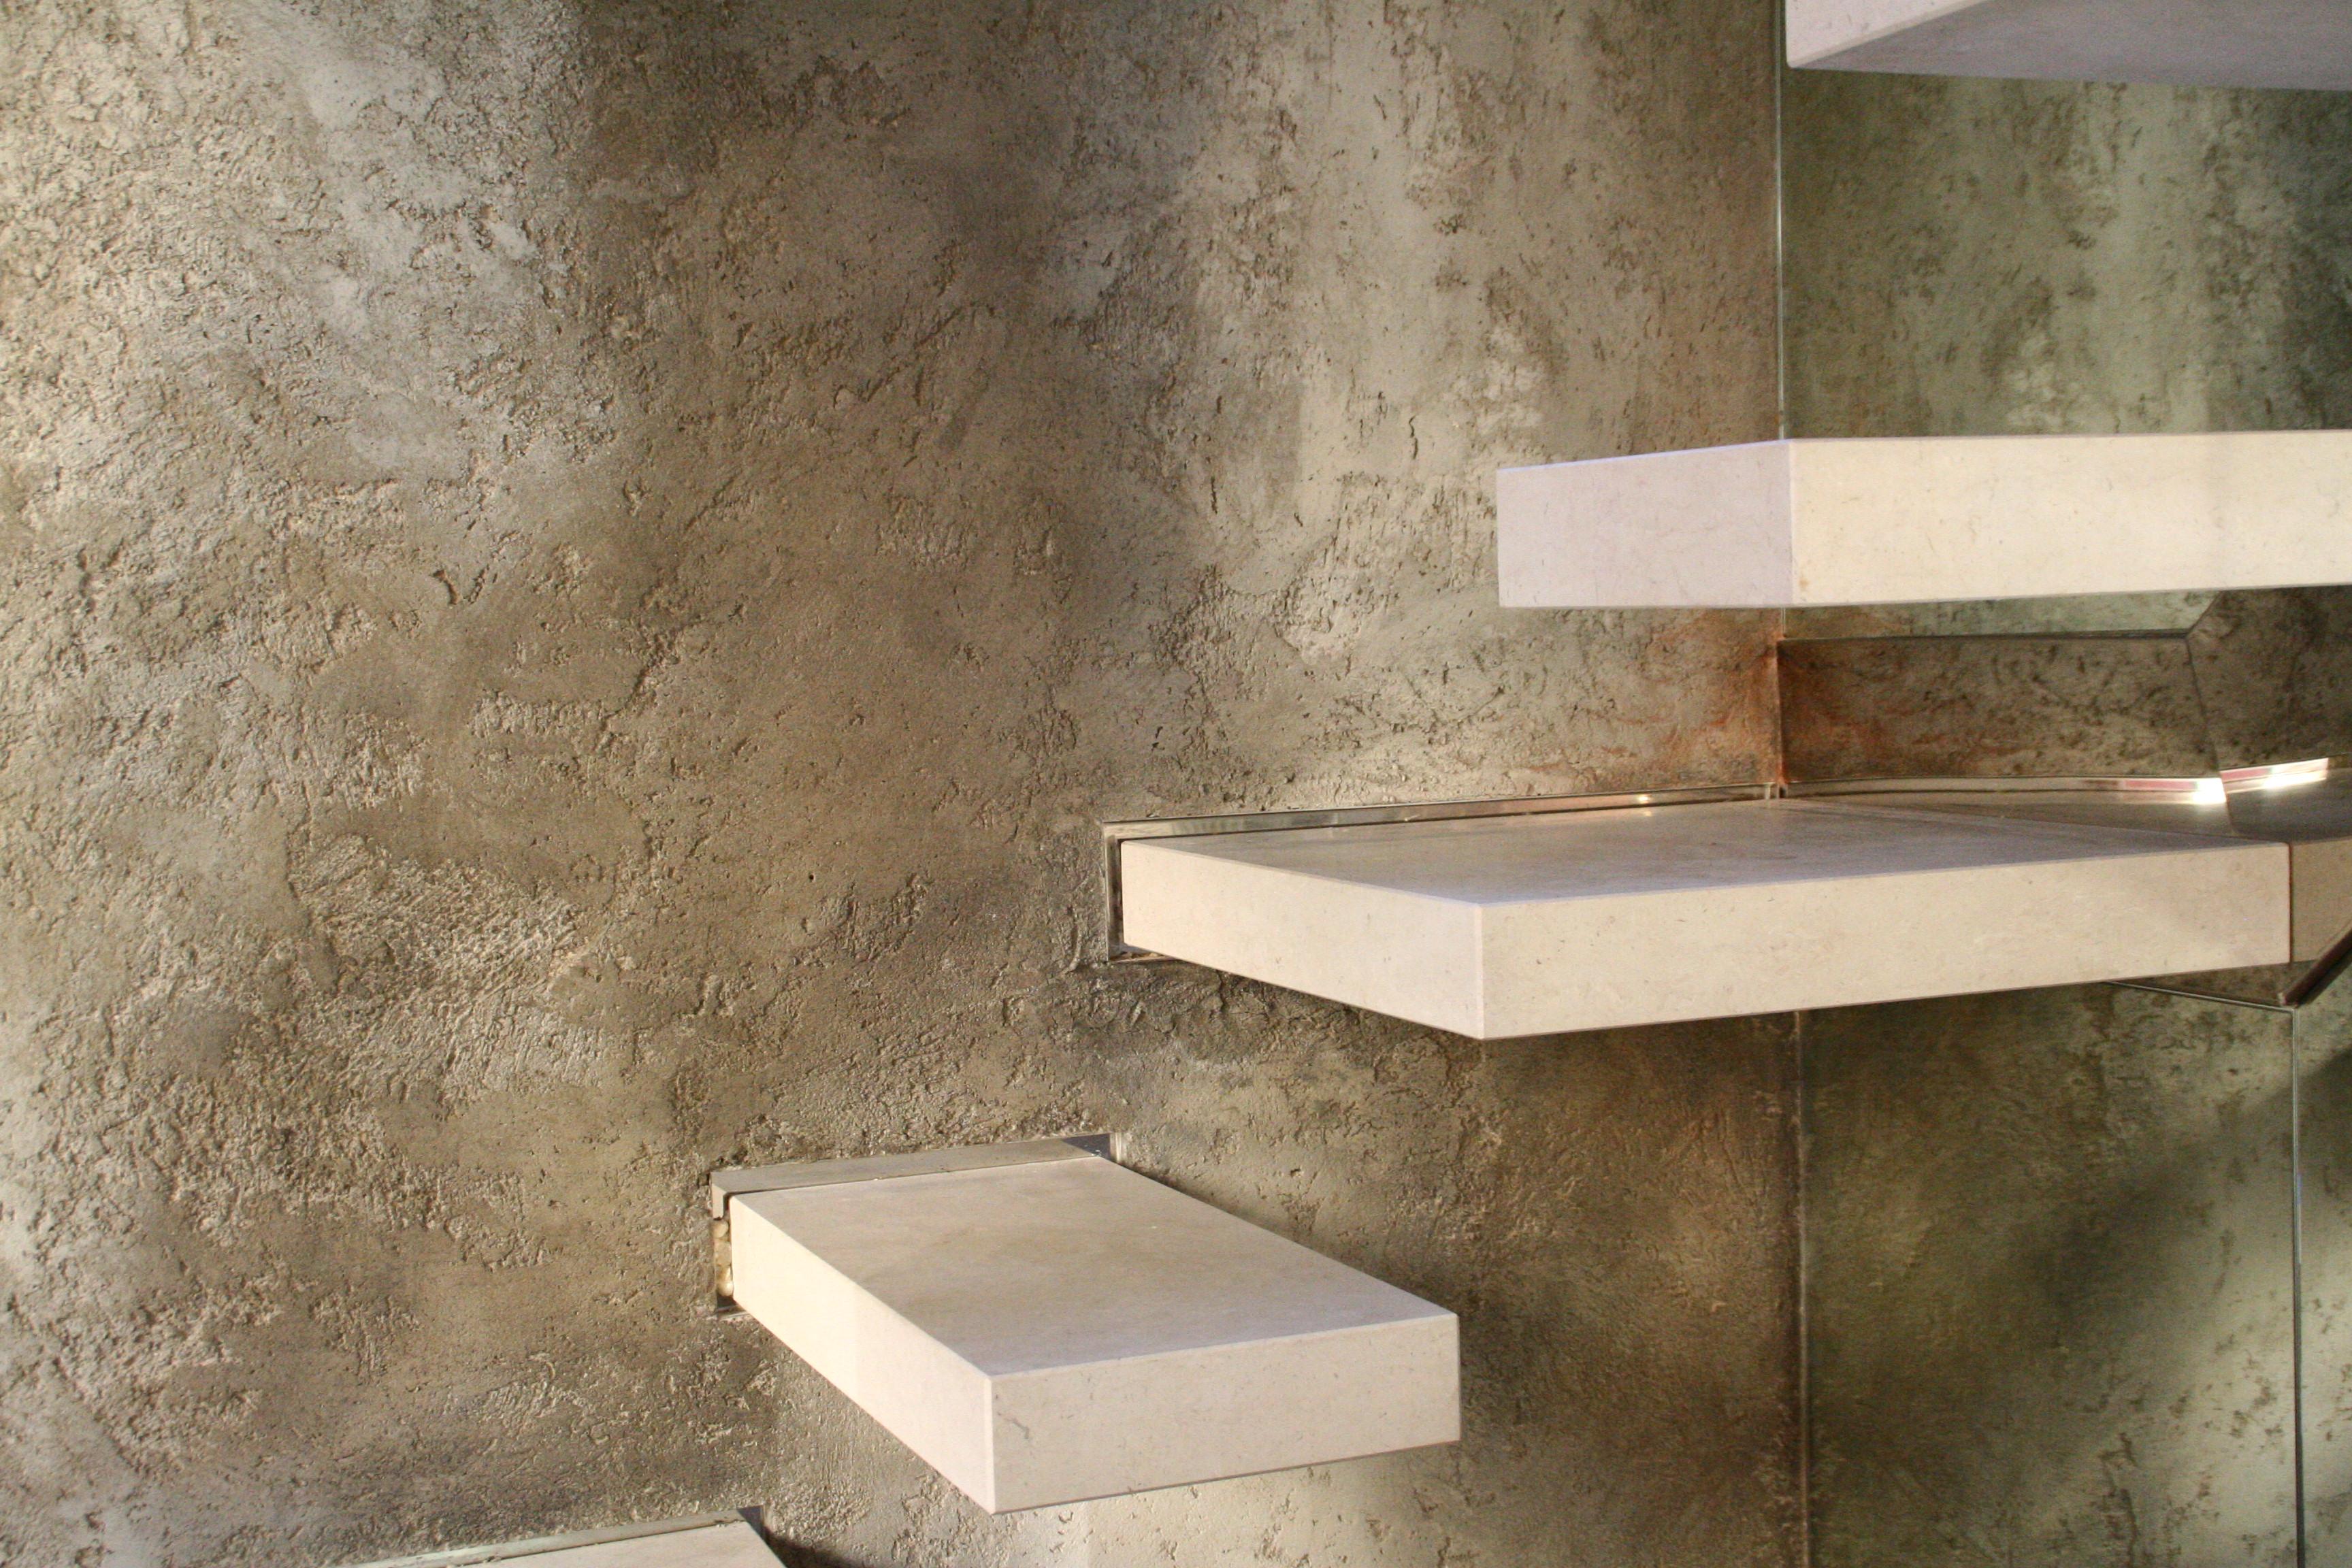 Specchio design x camera for Parete effetto cemento